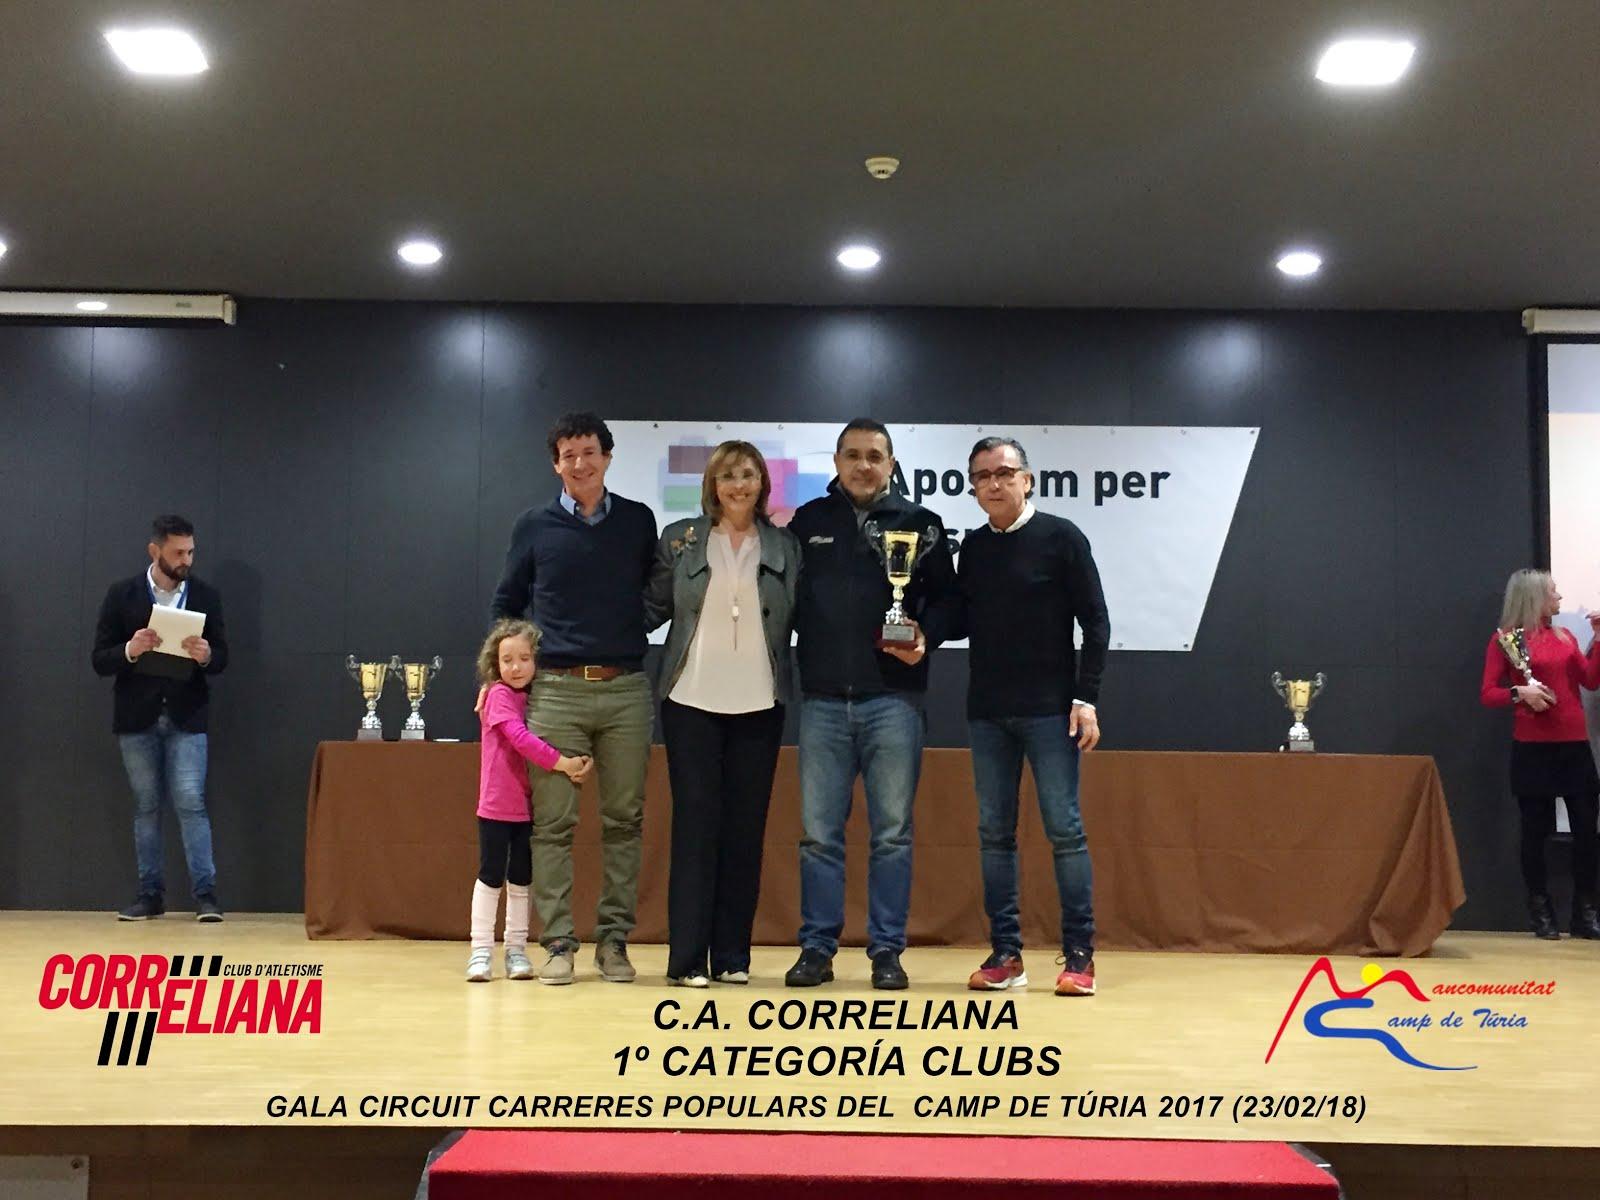 CLUB CAMPIÓ CIRCUIT CARRERES POPULARS DEL CAMP DE TÚRIA 2017